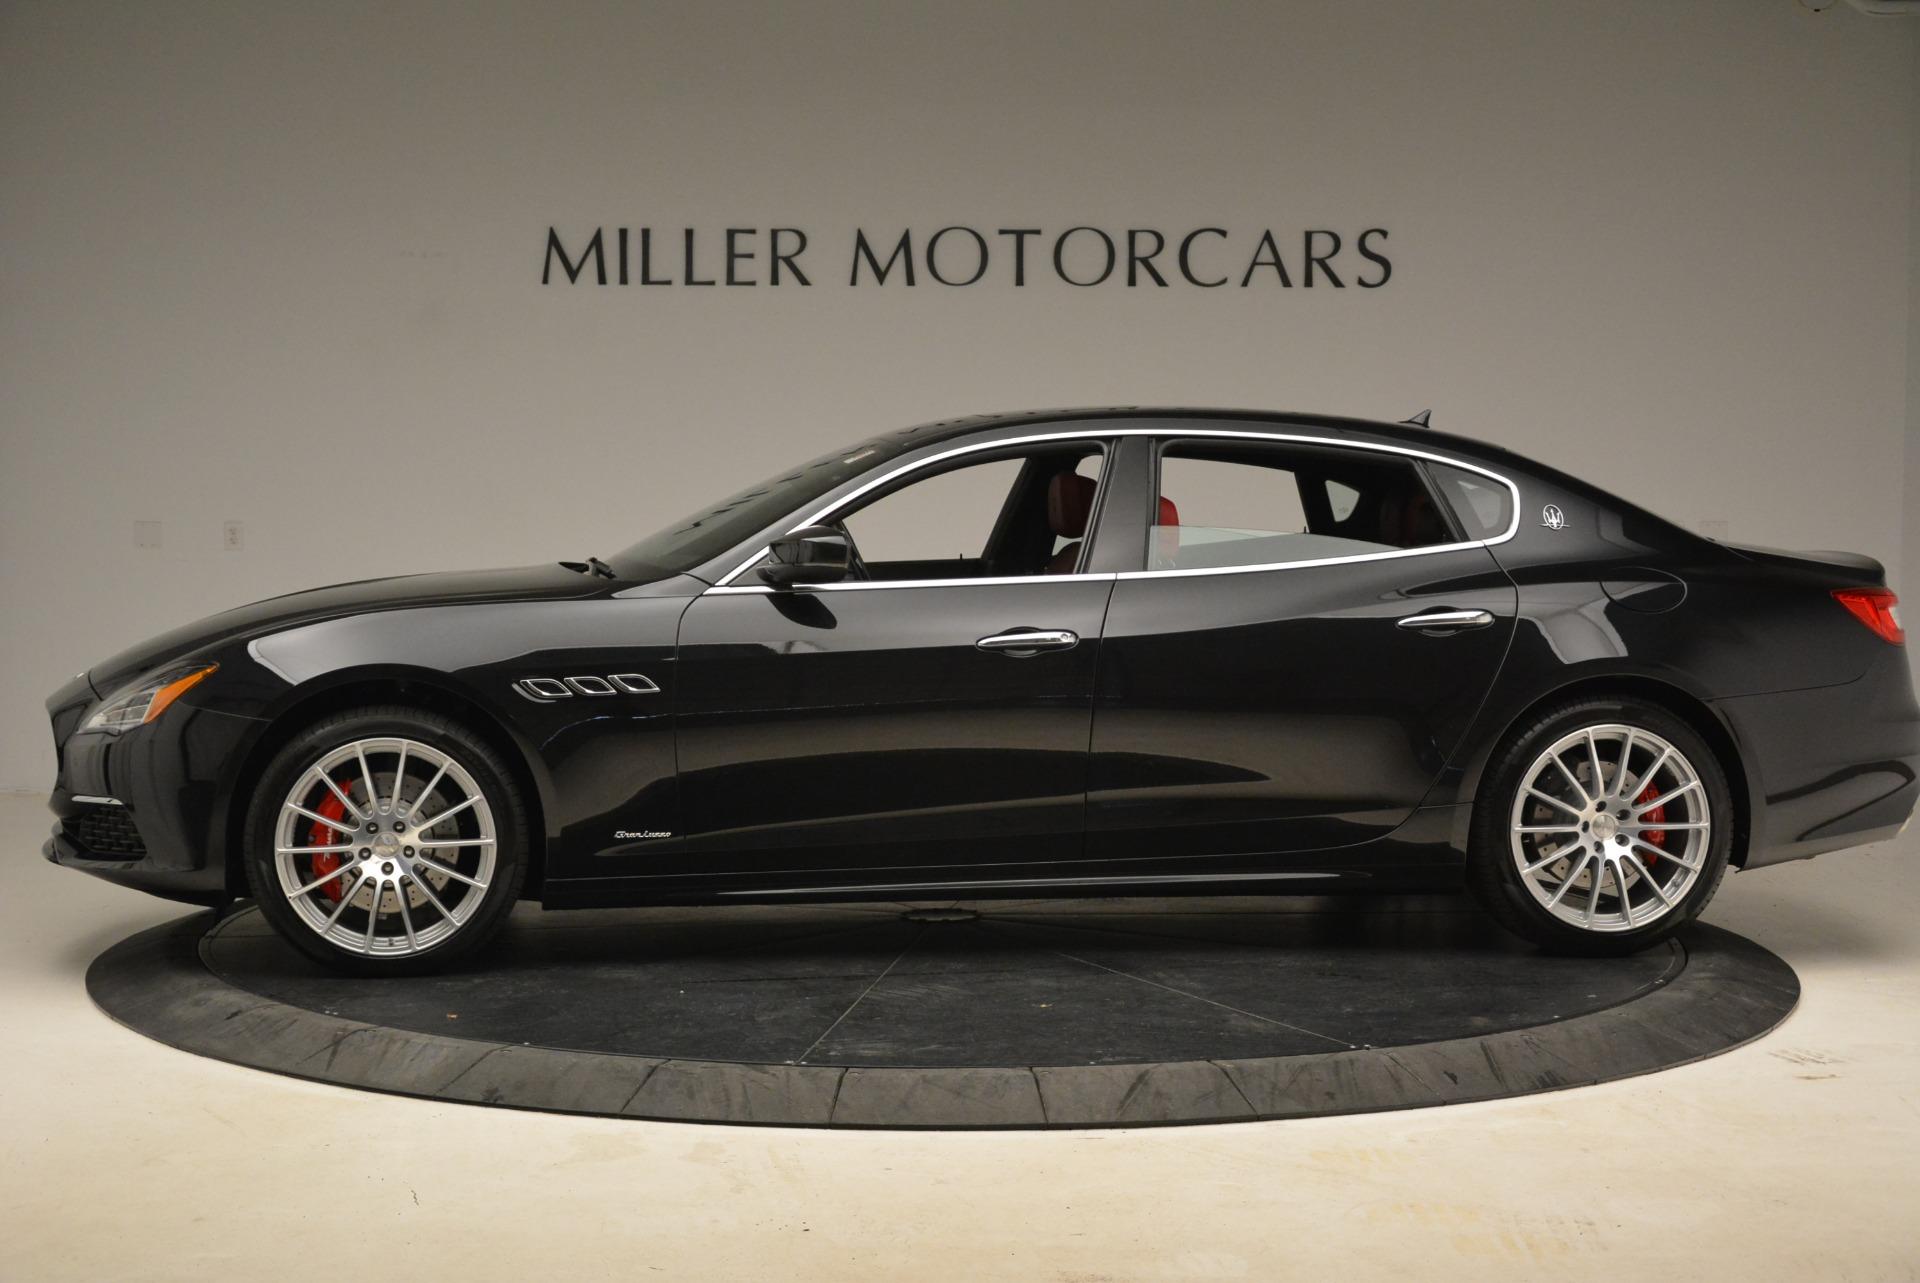 New 2018 Maserati Quattroporte S Q4 GranLusso For Sale In Greenwich, CT. Alfa Romeo of Greenwich, M2060 2088_p4